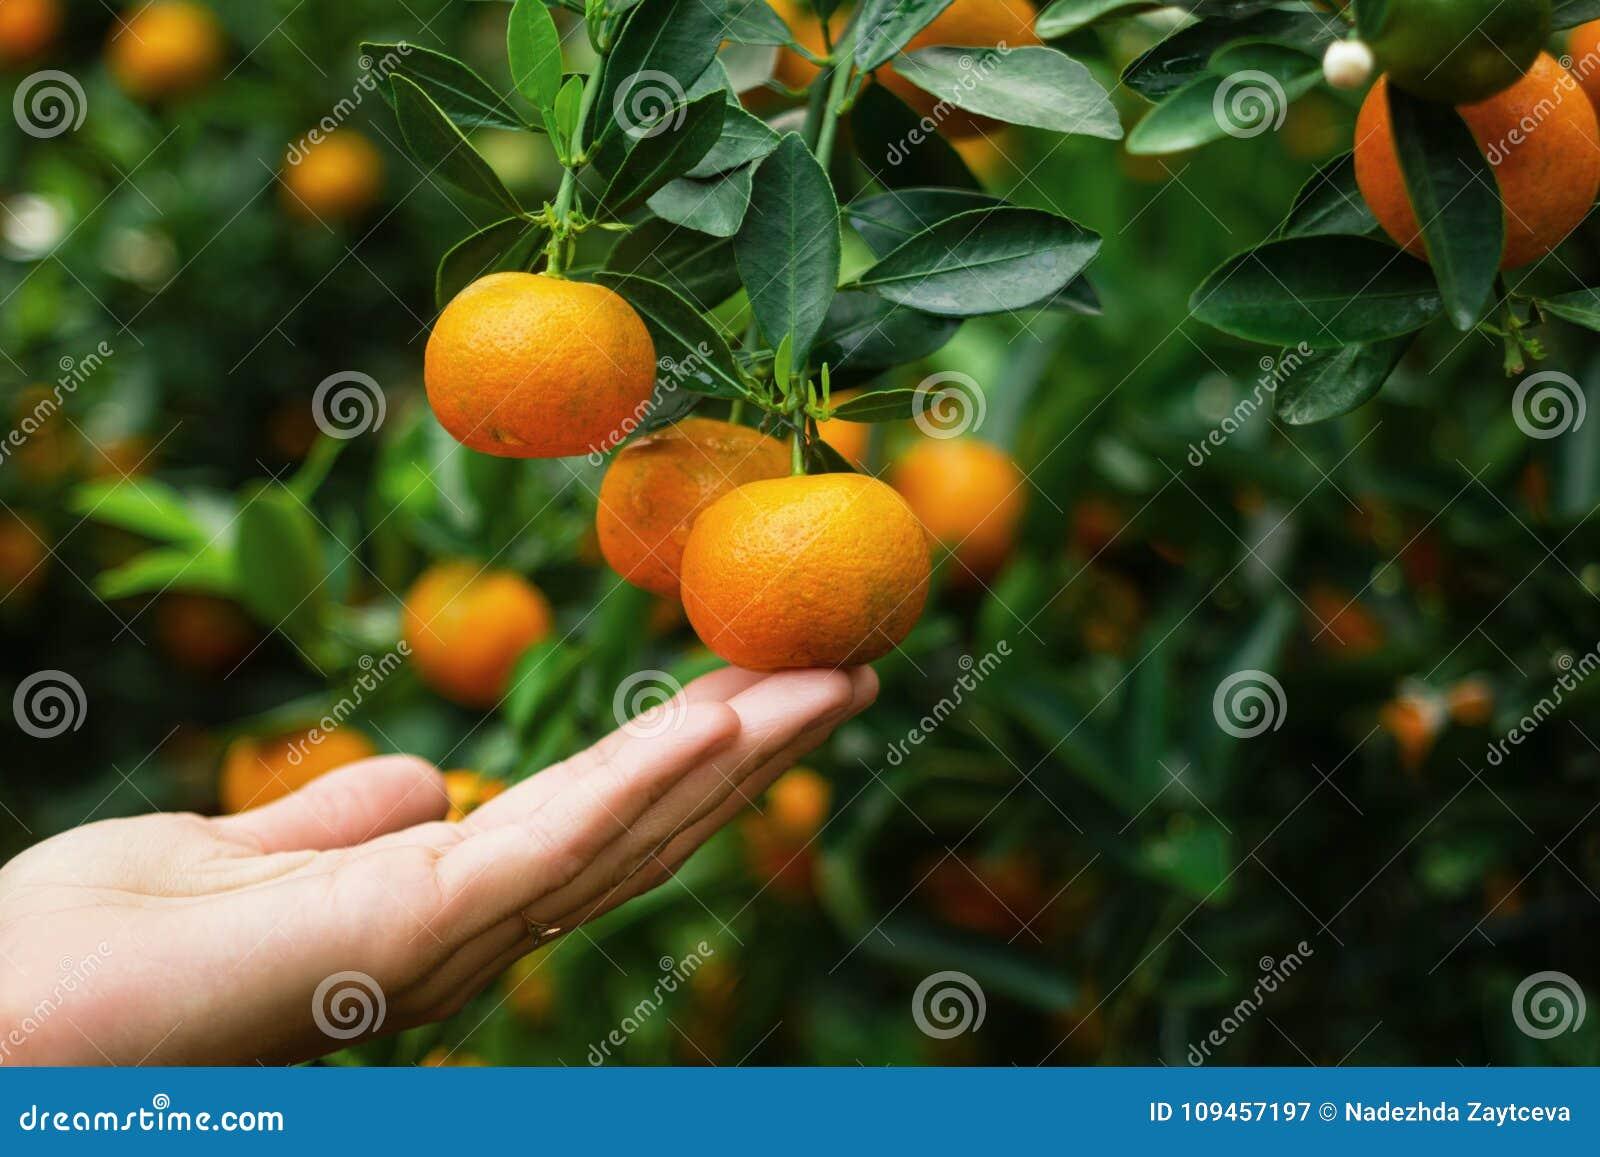 Ręka kobieta jest trzymać mandarynka od drzewa